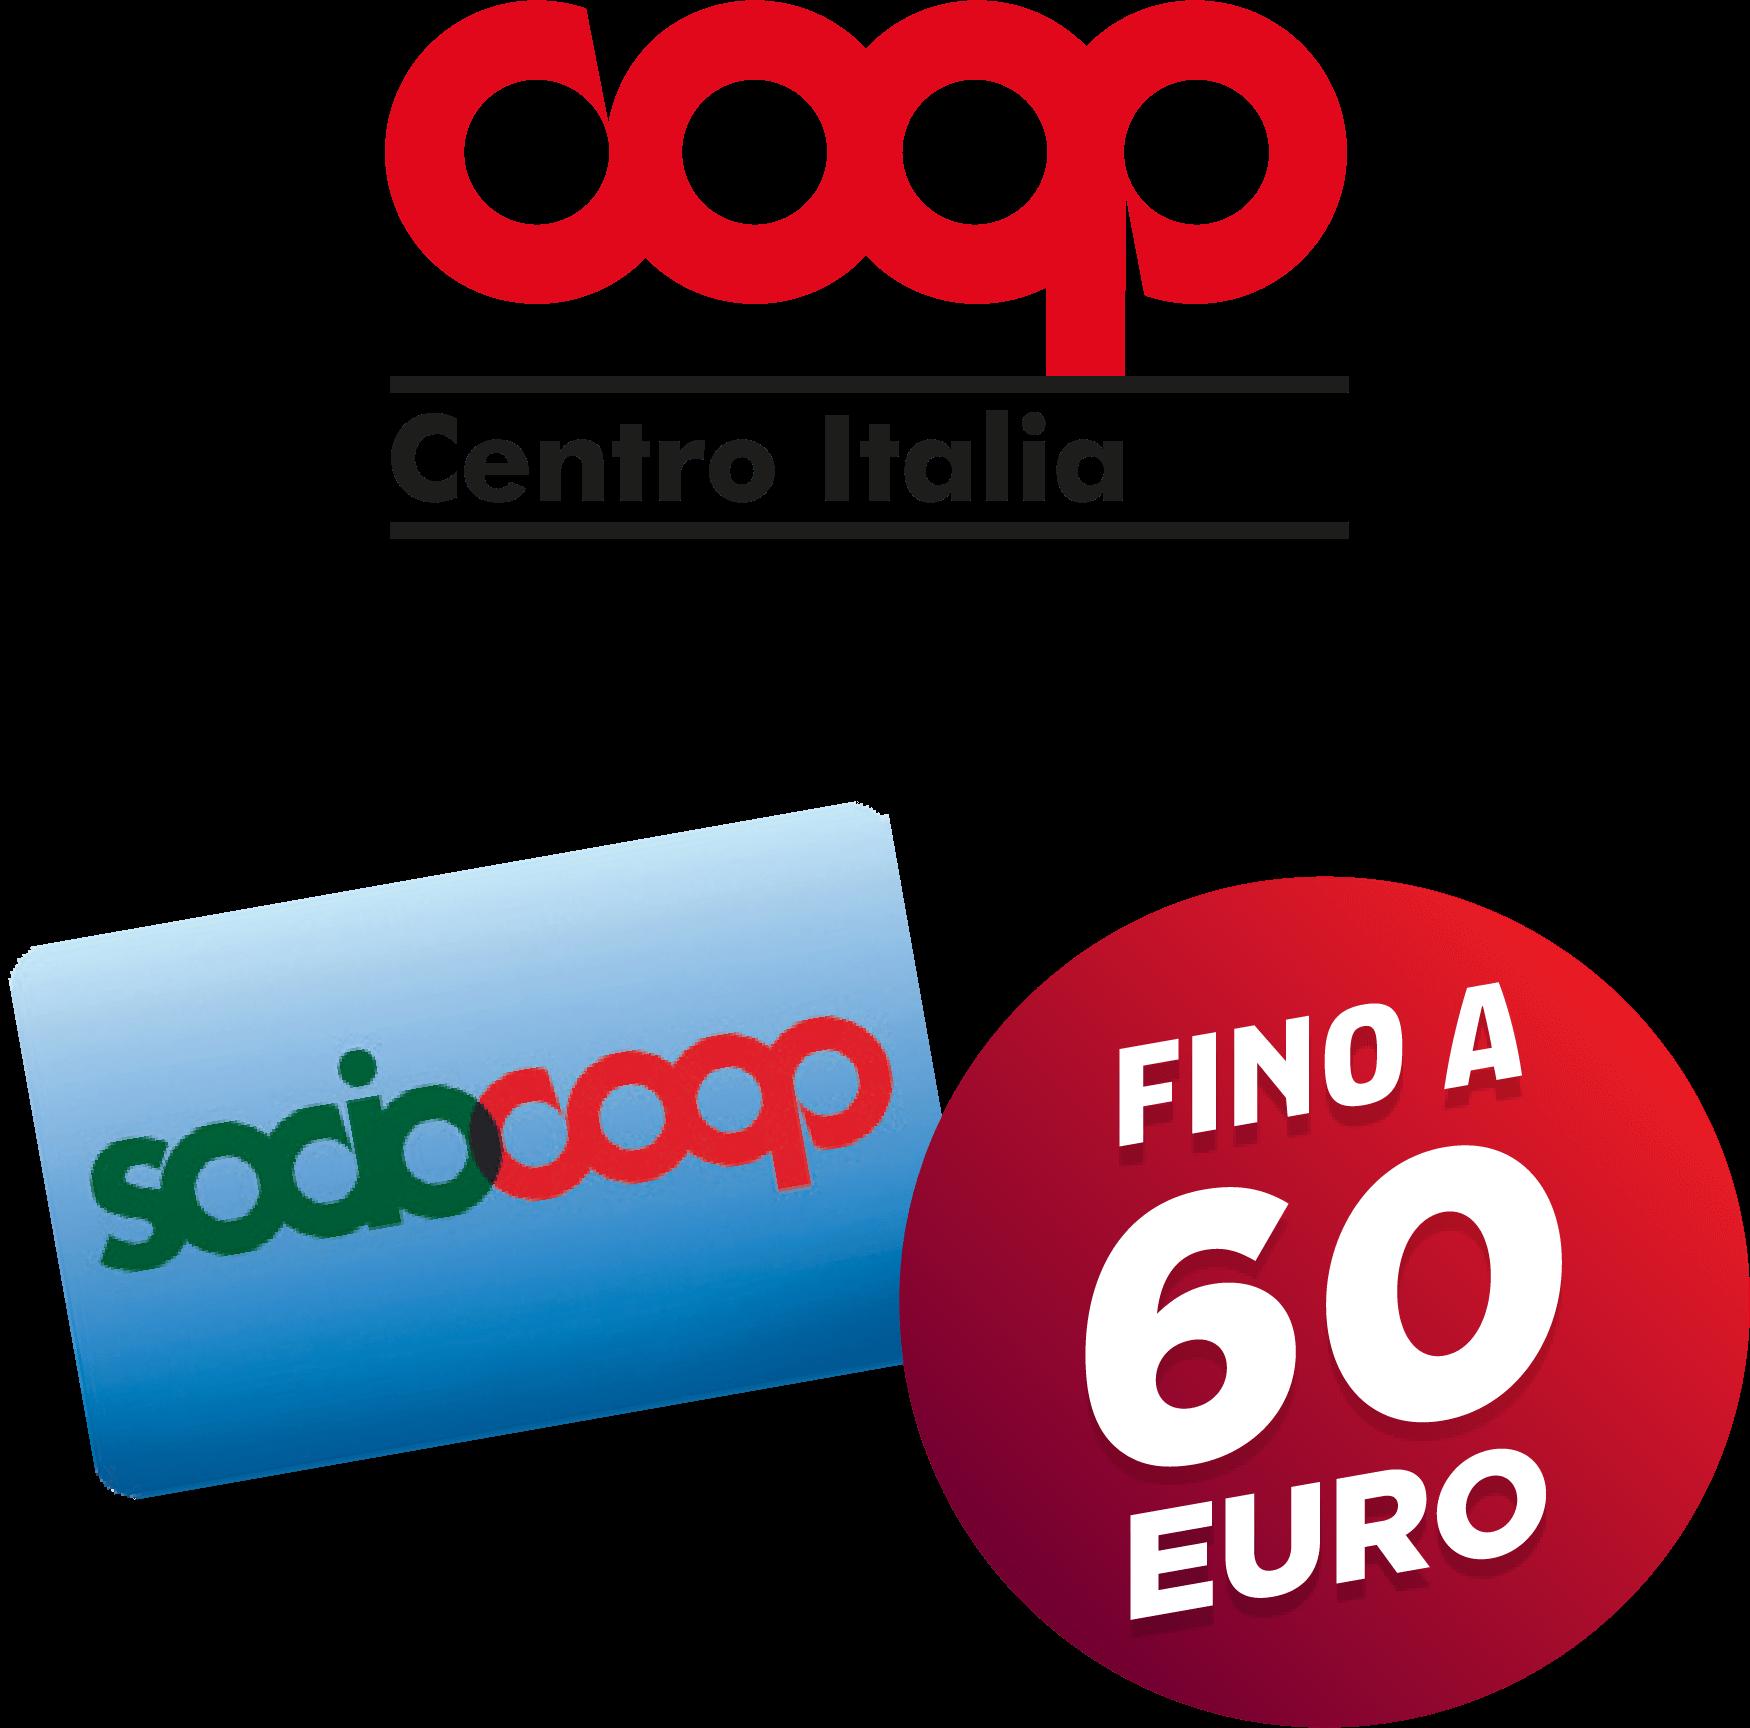 promozione coop 60 euro